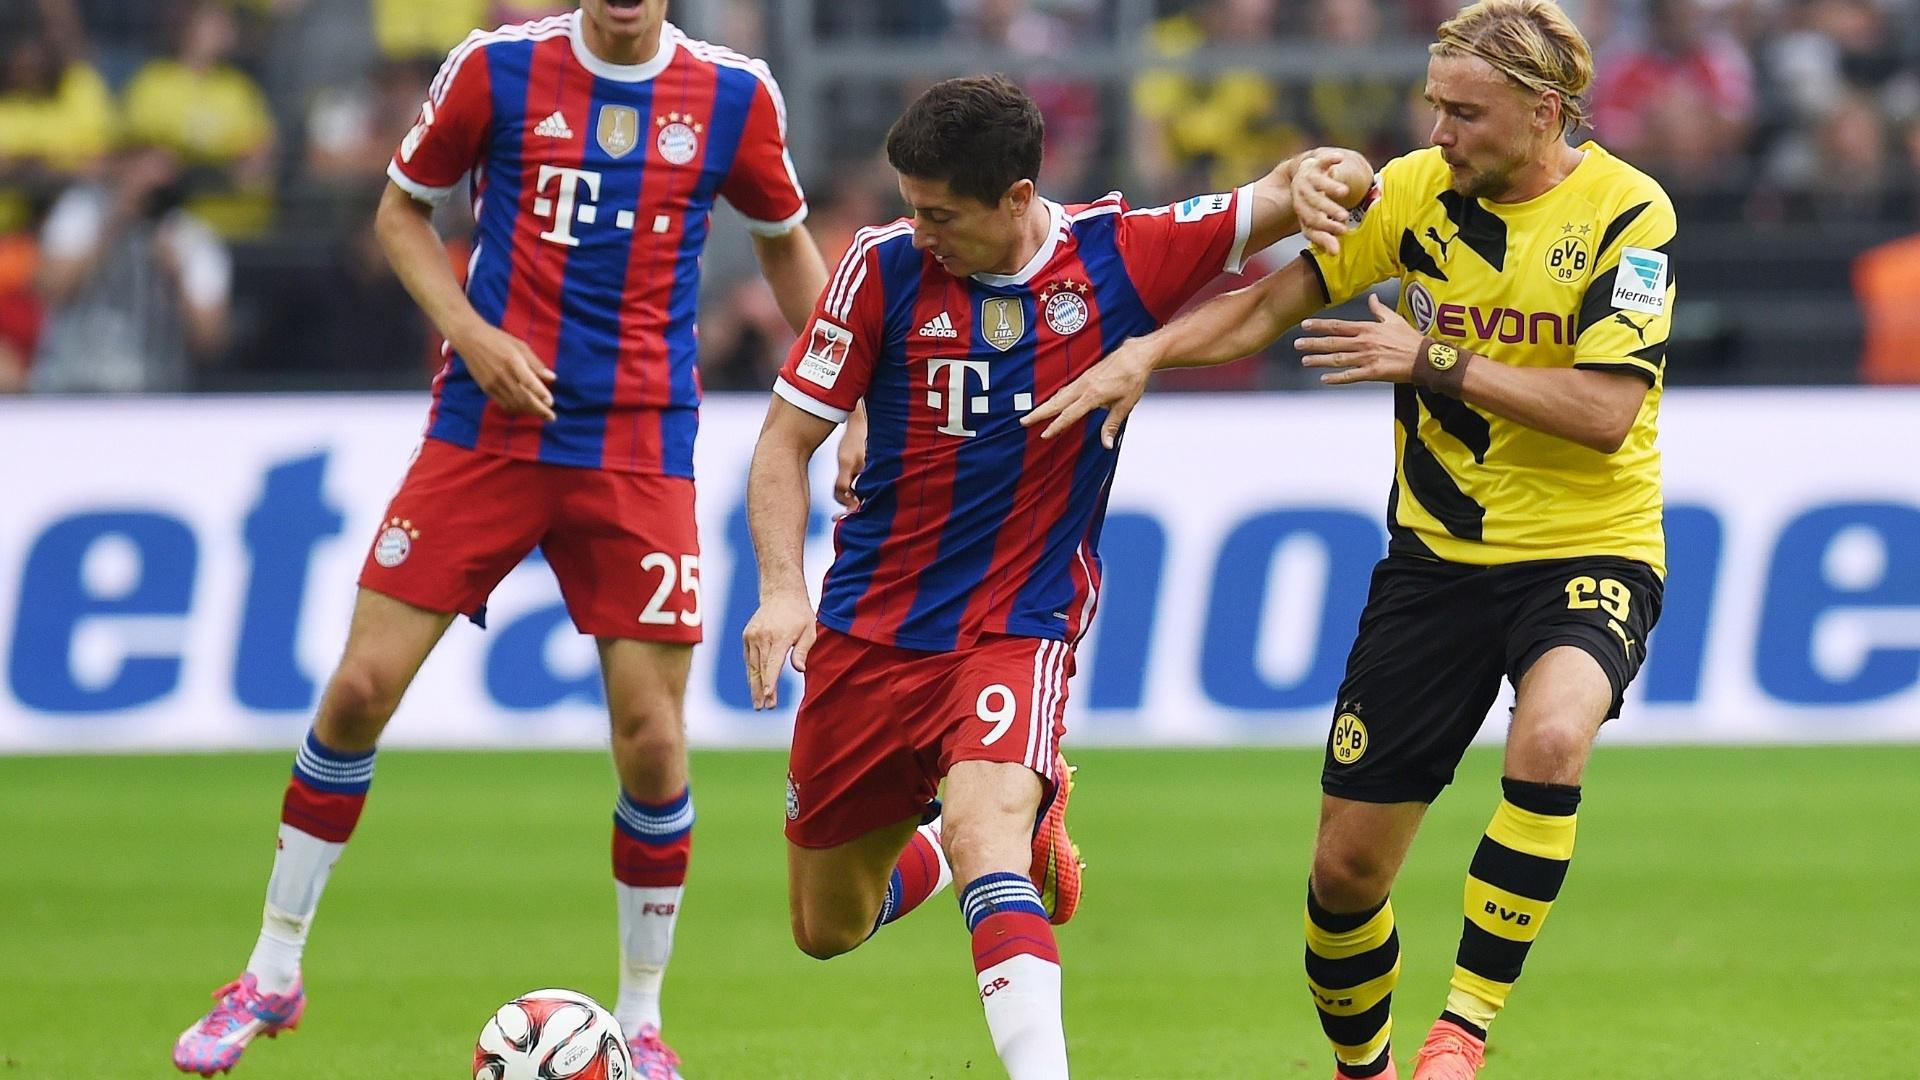 Agora atacante do Bayern de Munique Robert Lewandowski tenta se livrar da marcação do Borussia Dortmund, sua ex-equipe, na Supercopa da Alemanha